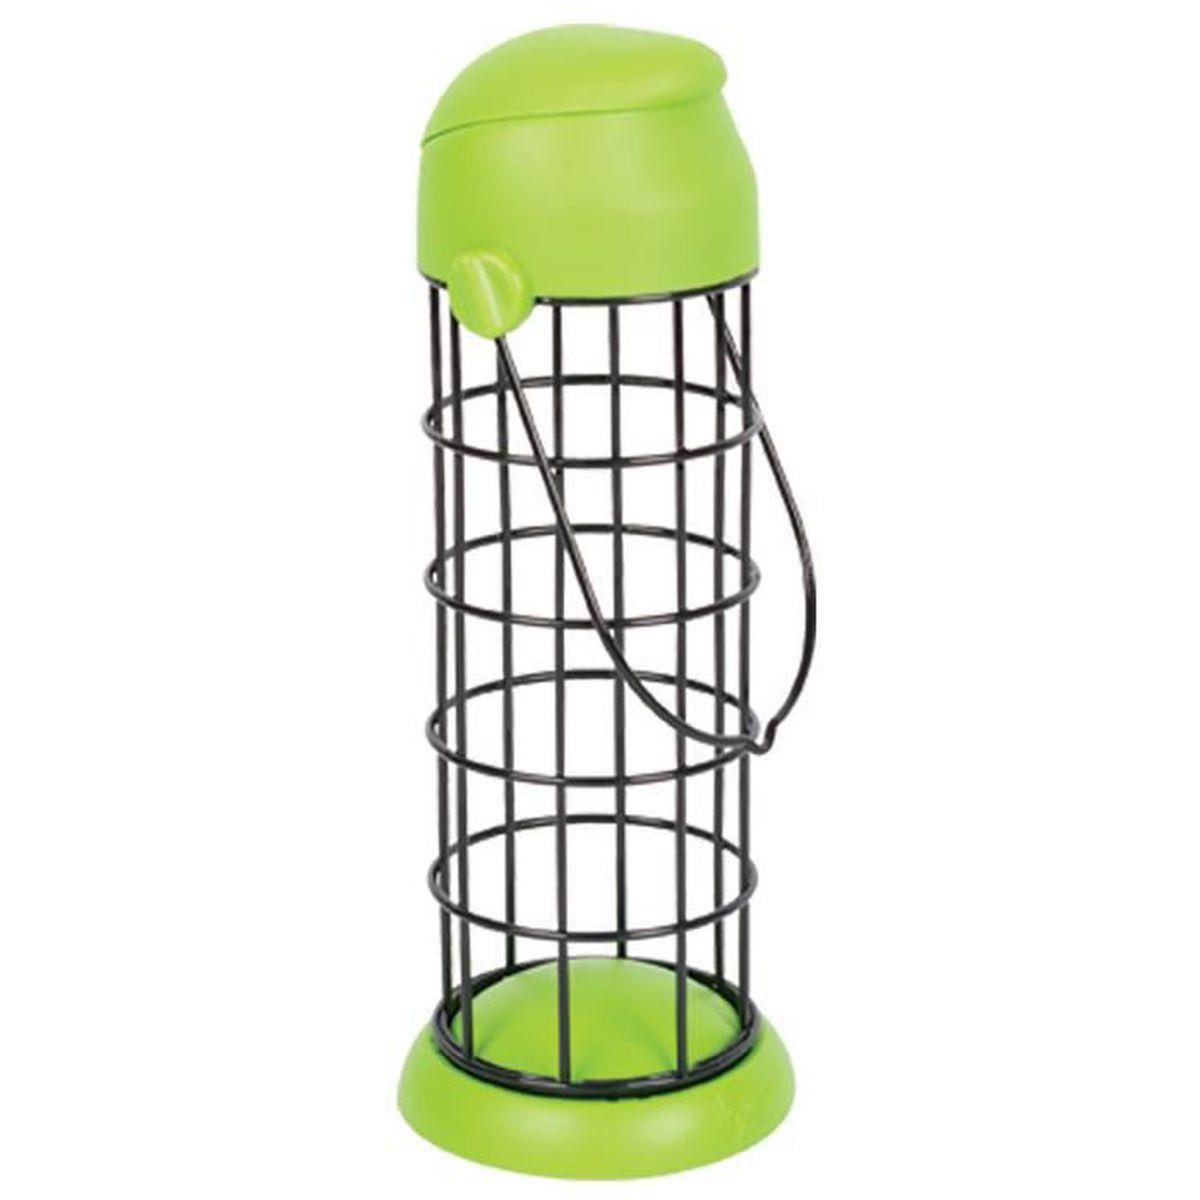 Mangeoire boule de graisse oiseaux achat vente for Boule lumineuse jardin pas cher